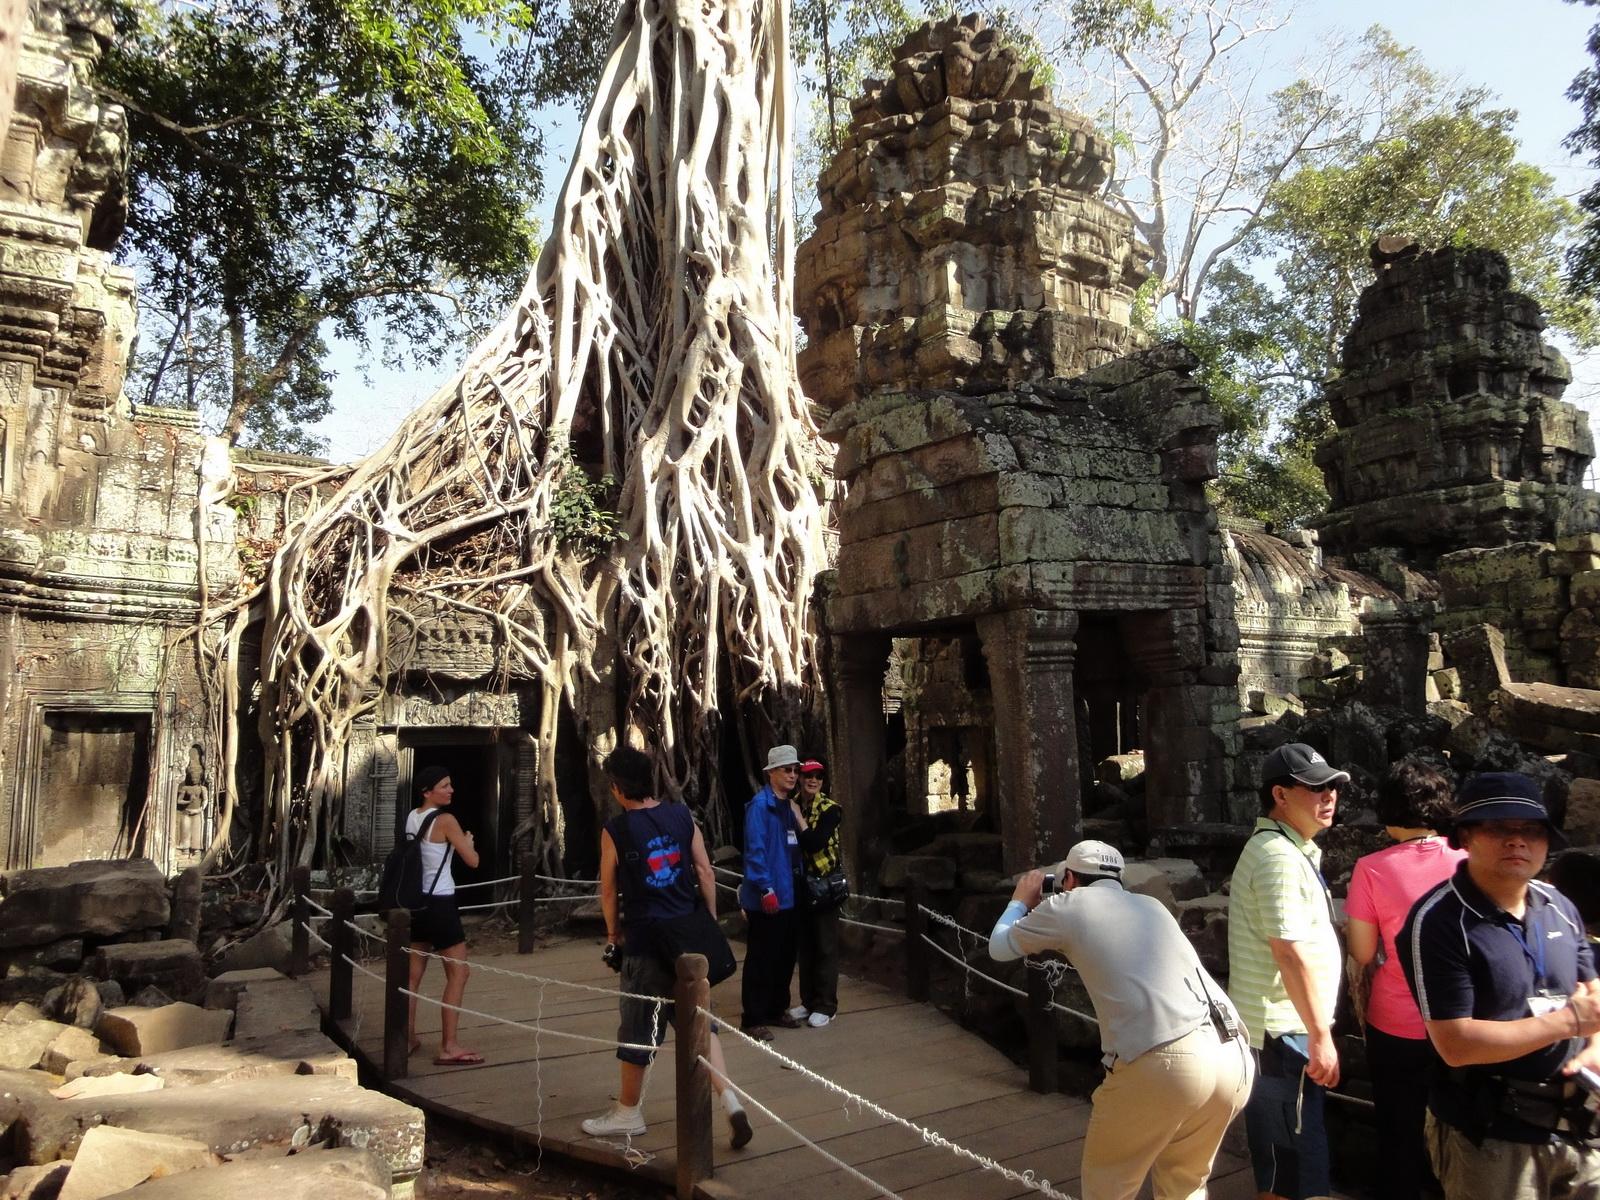 Ta Prohm Tomb Raider Bayon architecture central sanctuary area 04